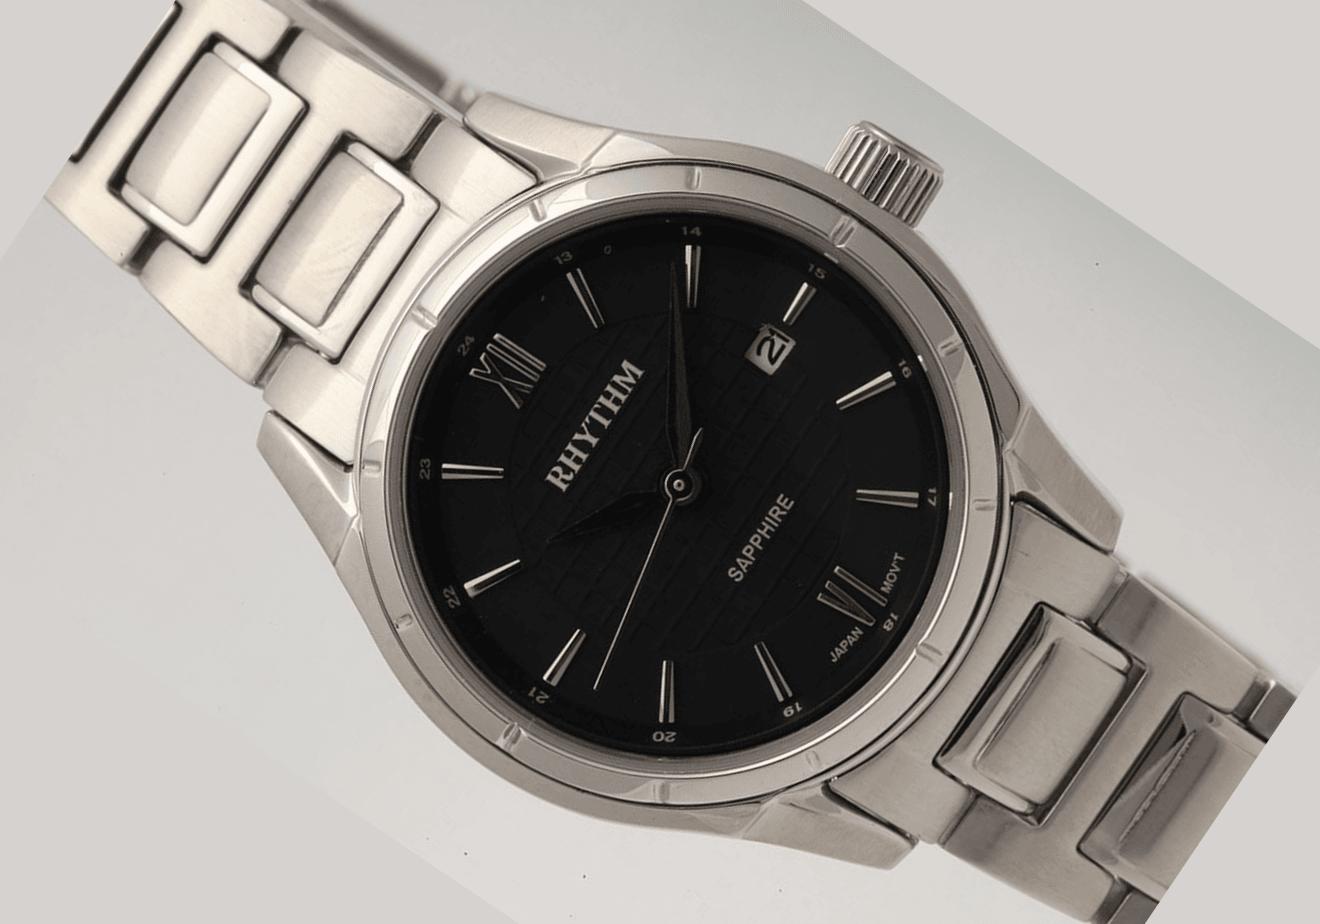 Đánh giá đồng hồ đeo tay rhythm có tốt không?